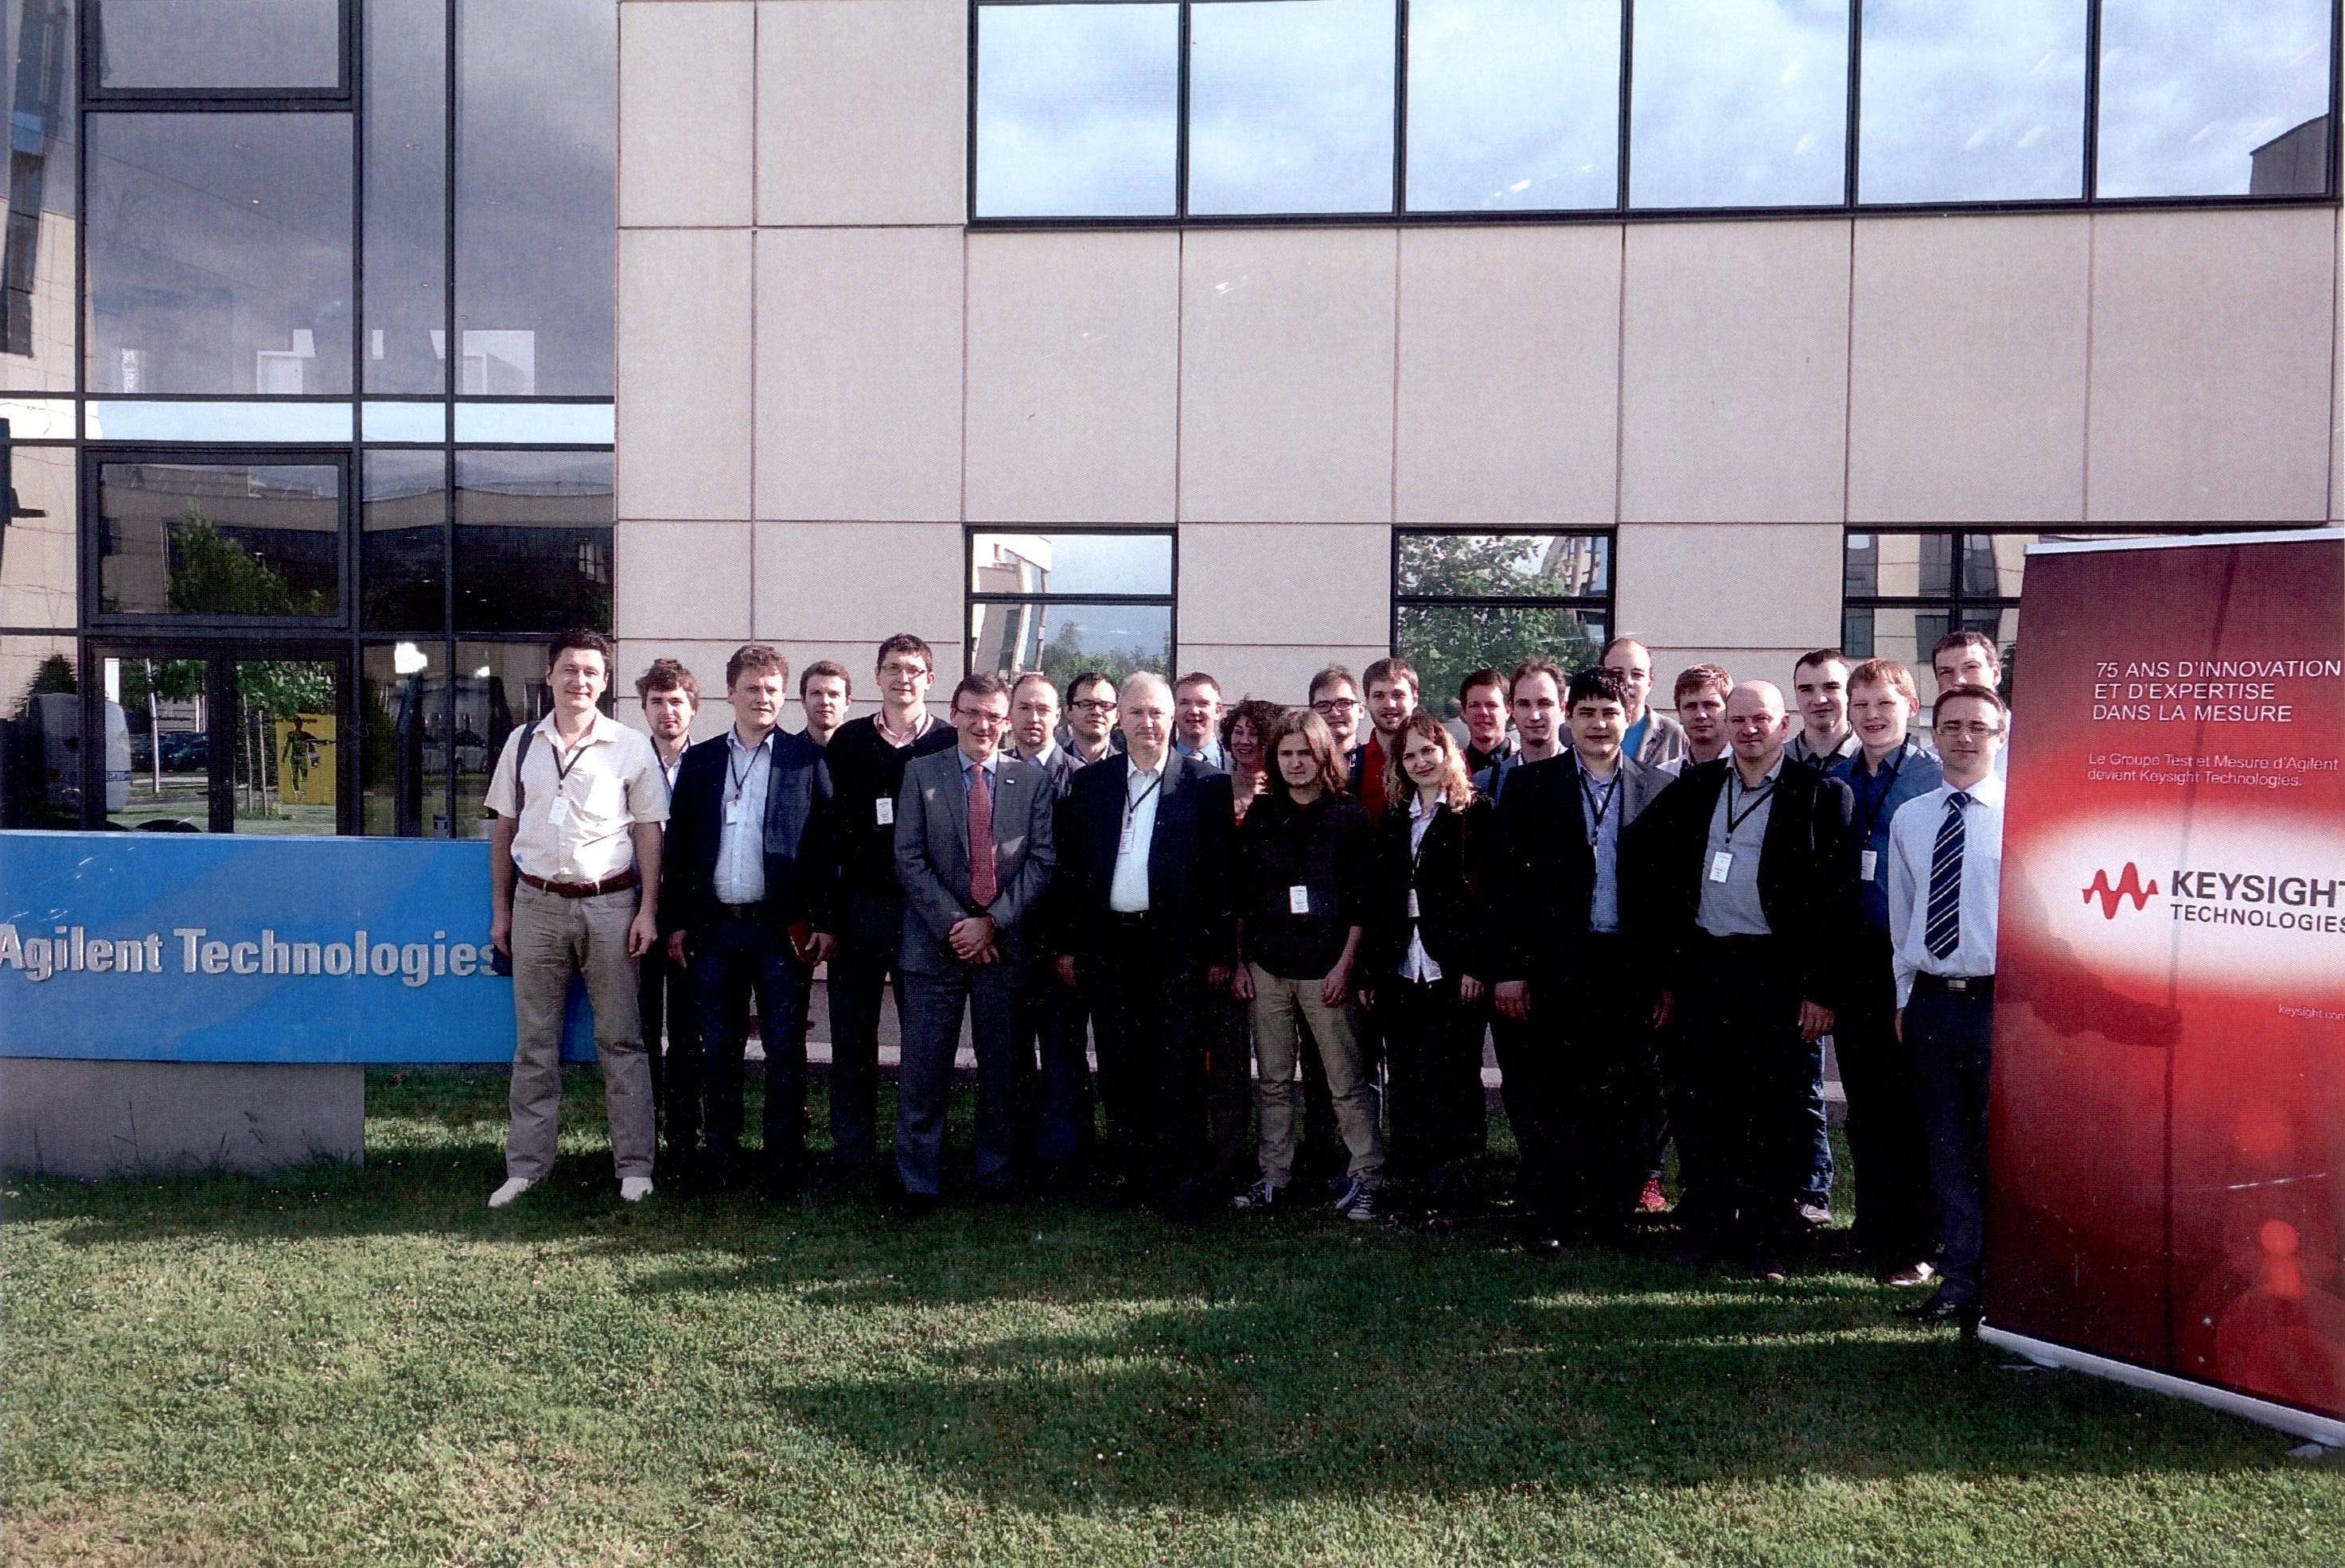 Доцент кафедры СВЧиКР прошёл стажировку вкомпании Agilent Technologies воФранции